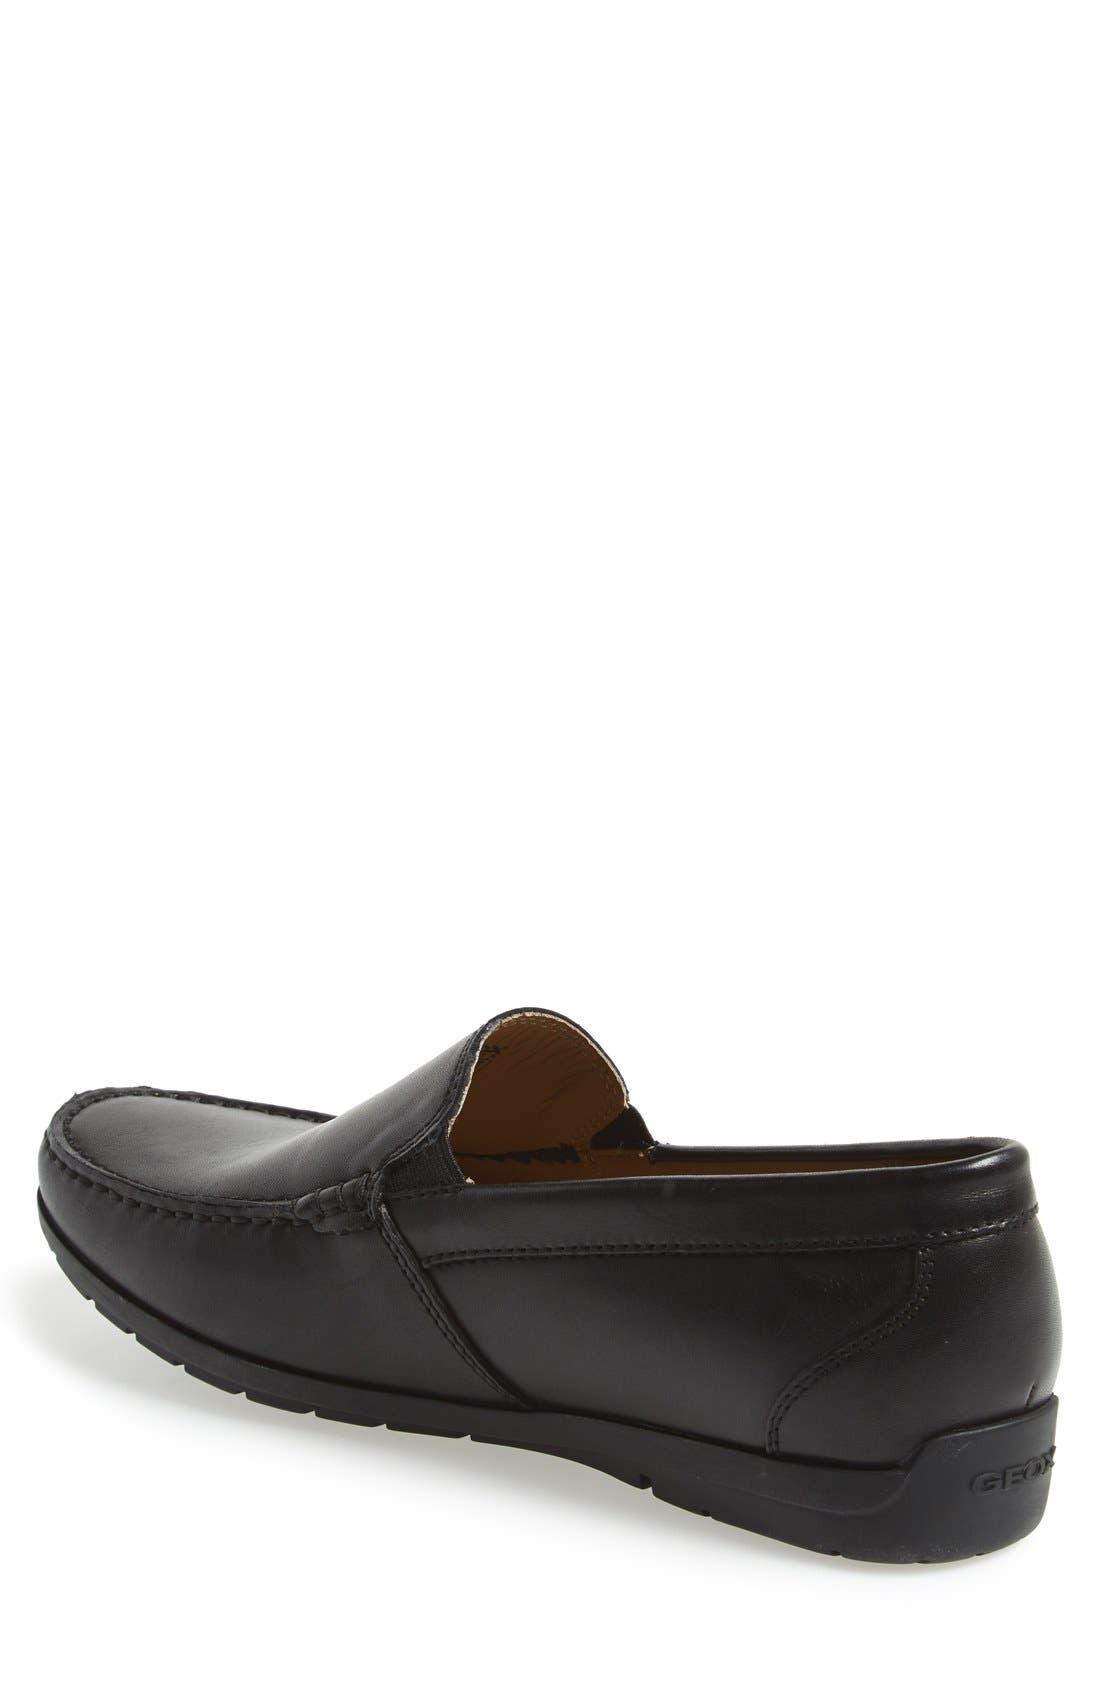 'Simon W2' Venetian Loafer,                             Alternate thumbnail 2, color,                             BLACK